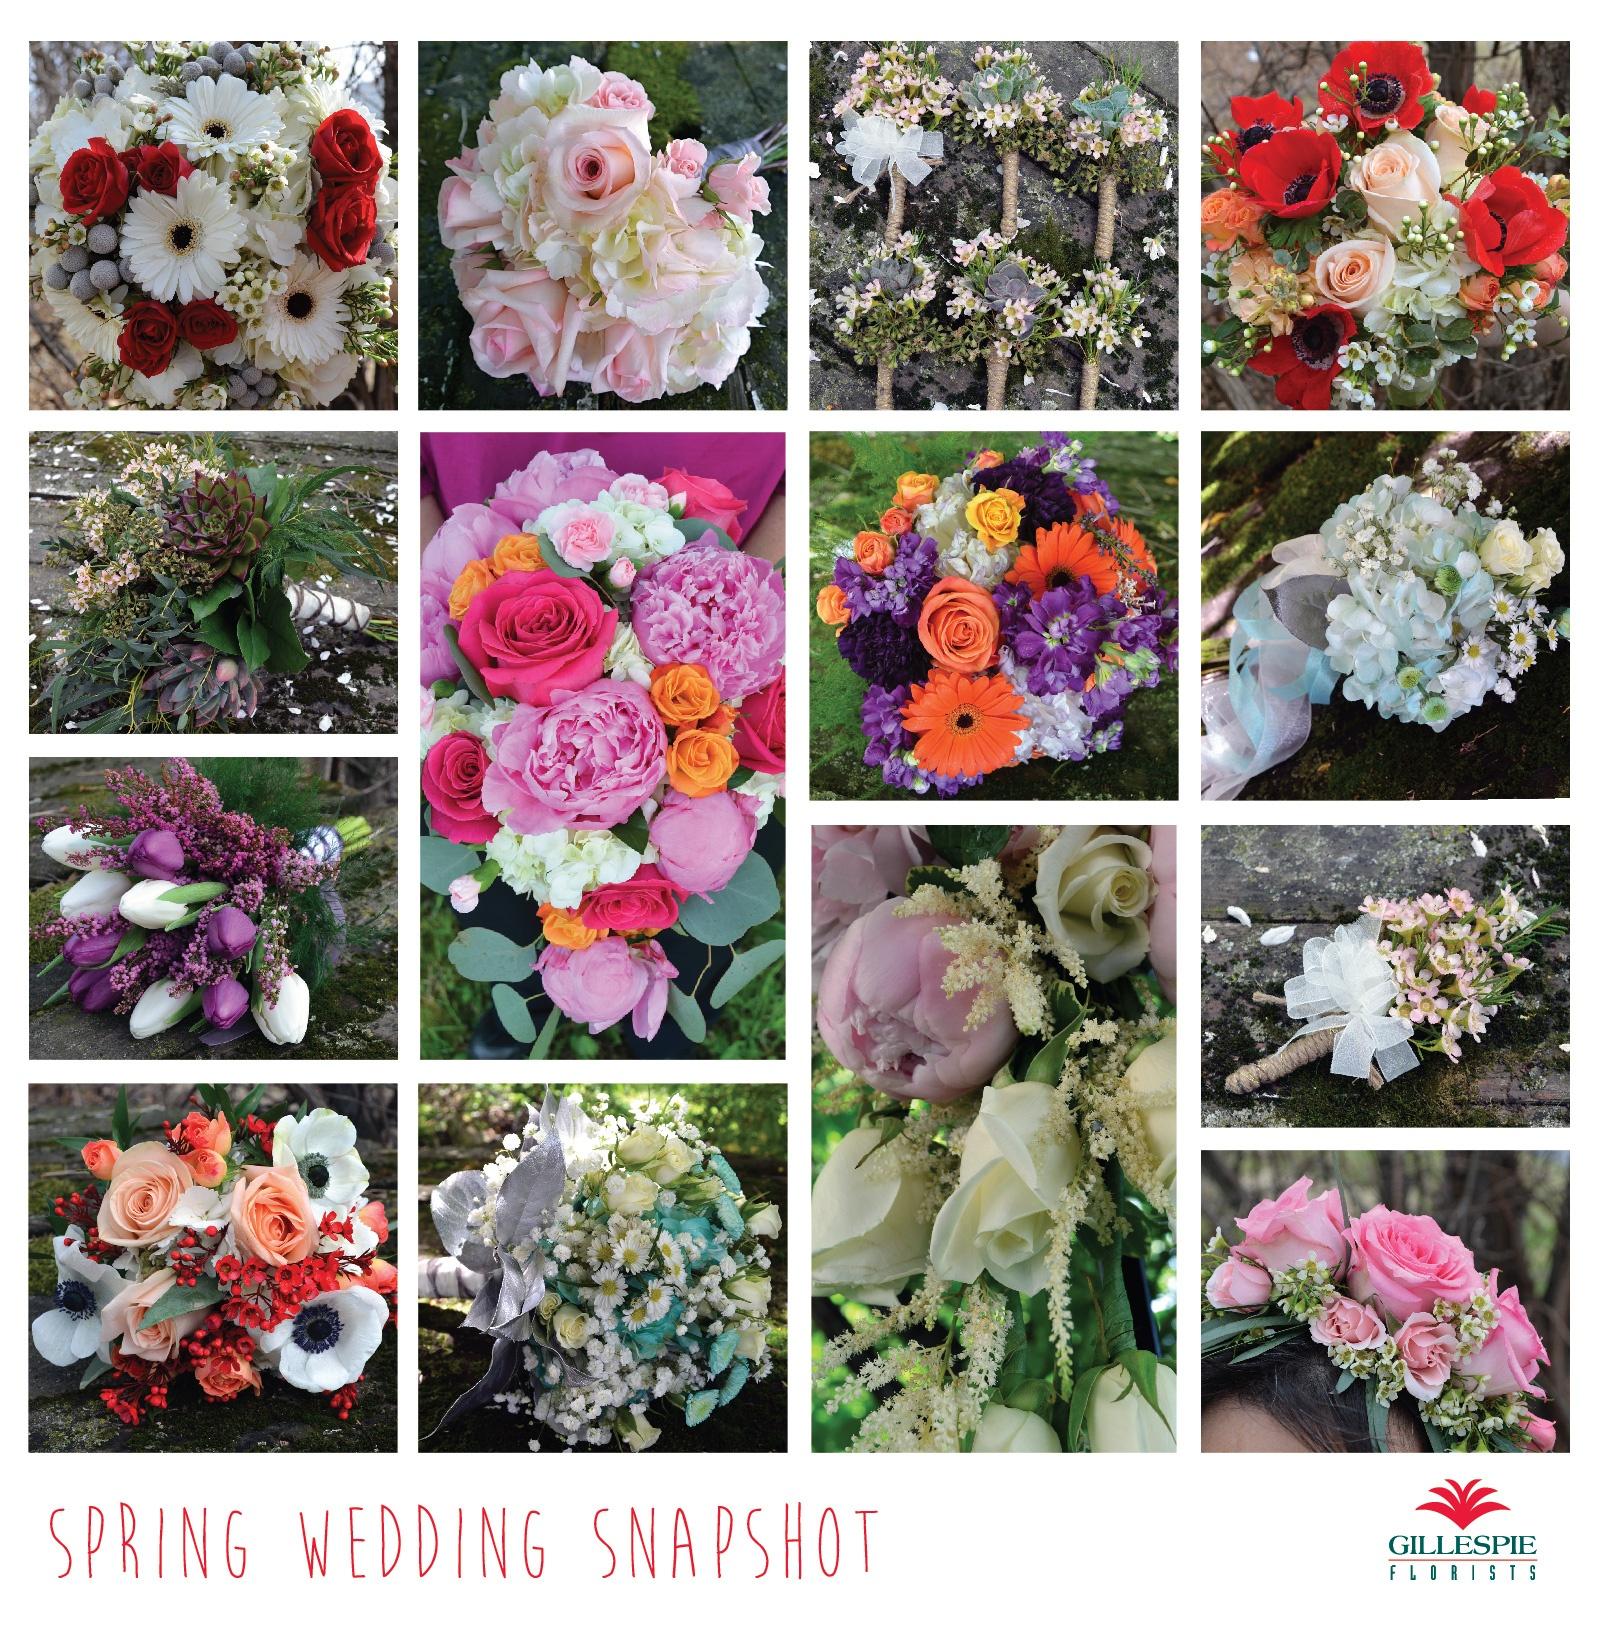 SpringWeddingSnapshot-01.jpg